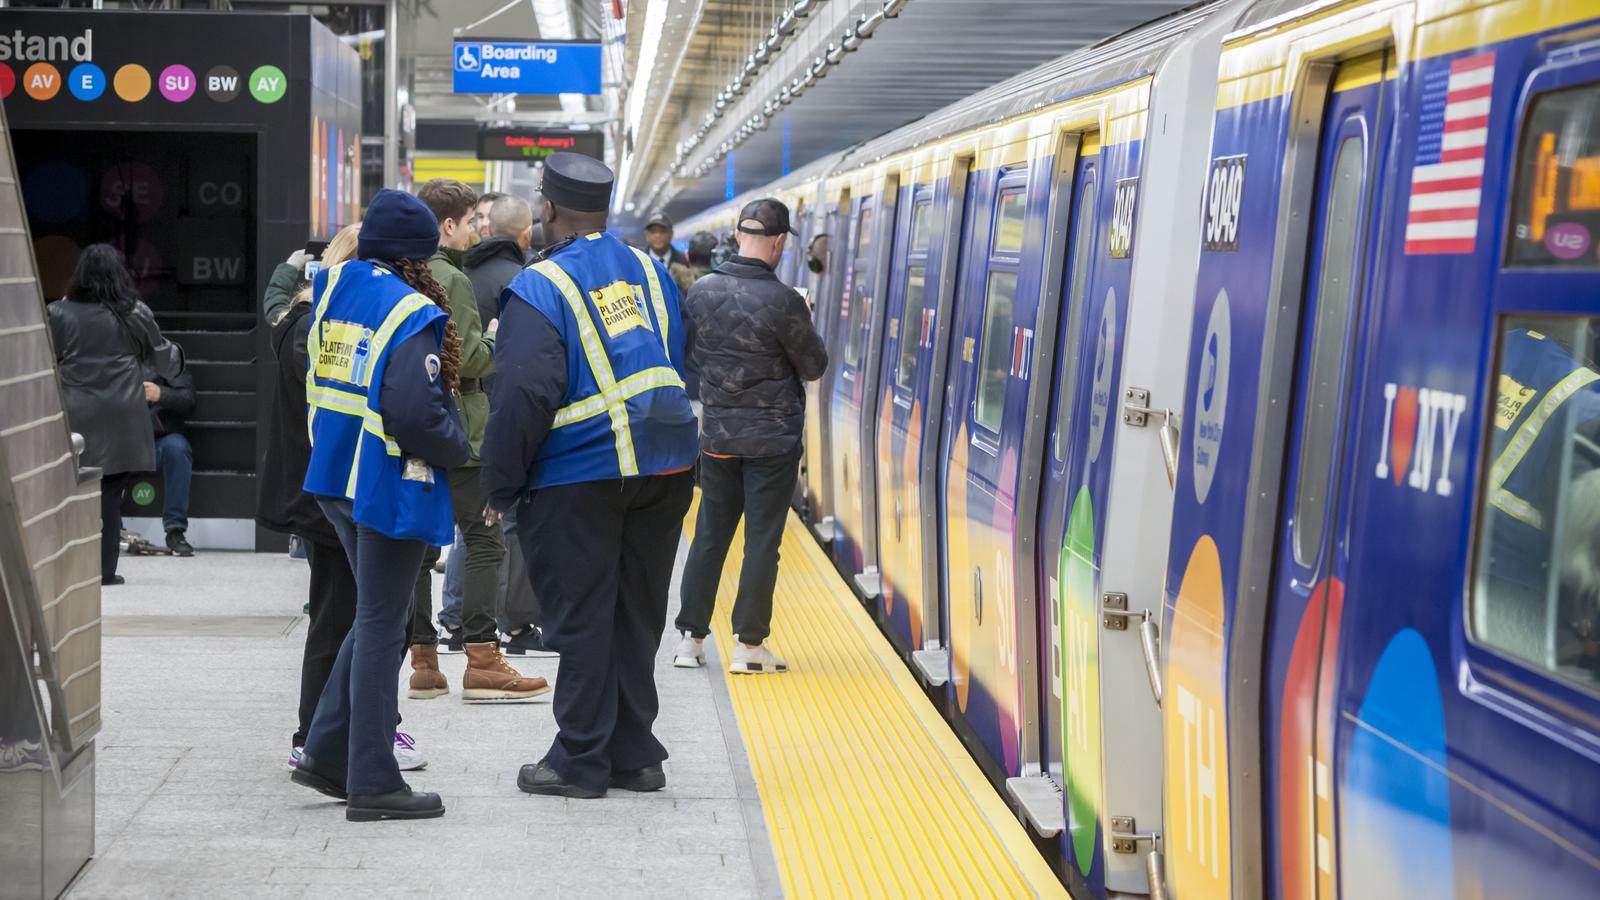 Dutzende Leichtverletzte wegen entgleister U-Bahn in New York